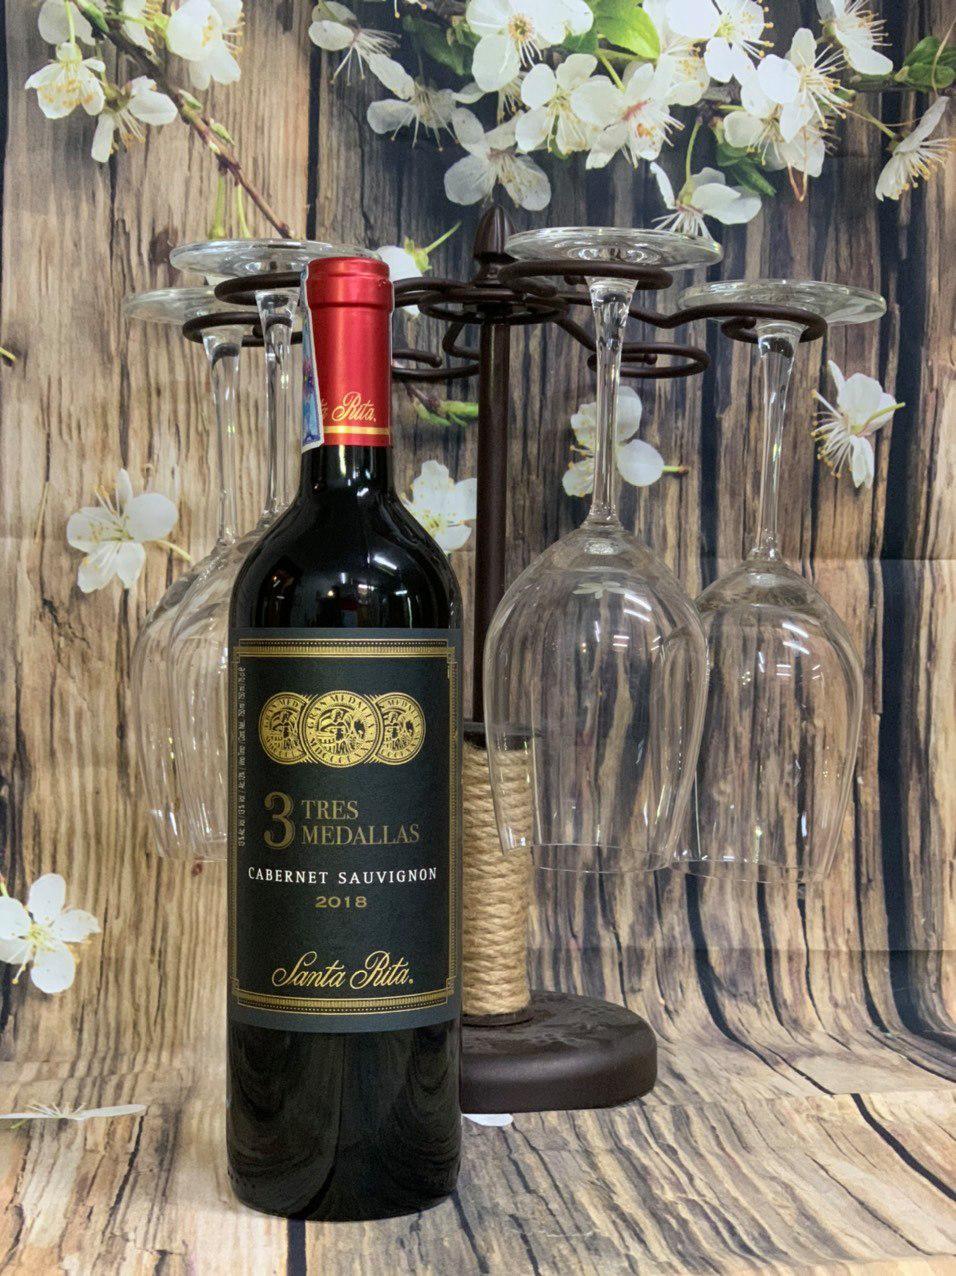 10 chai rượu vang cao cấp giá tốt, bán chạy nhất 1